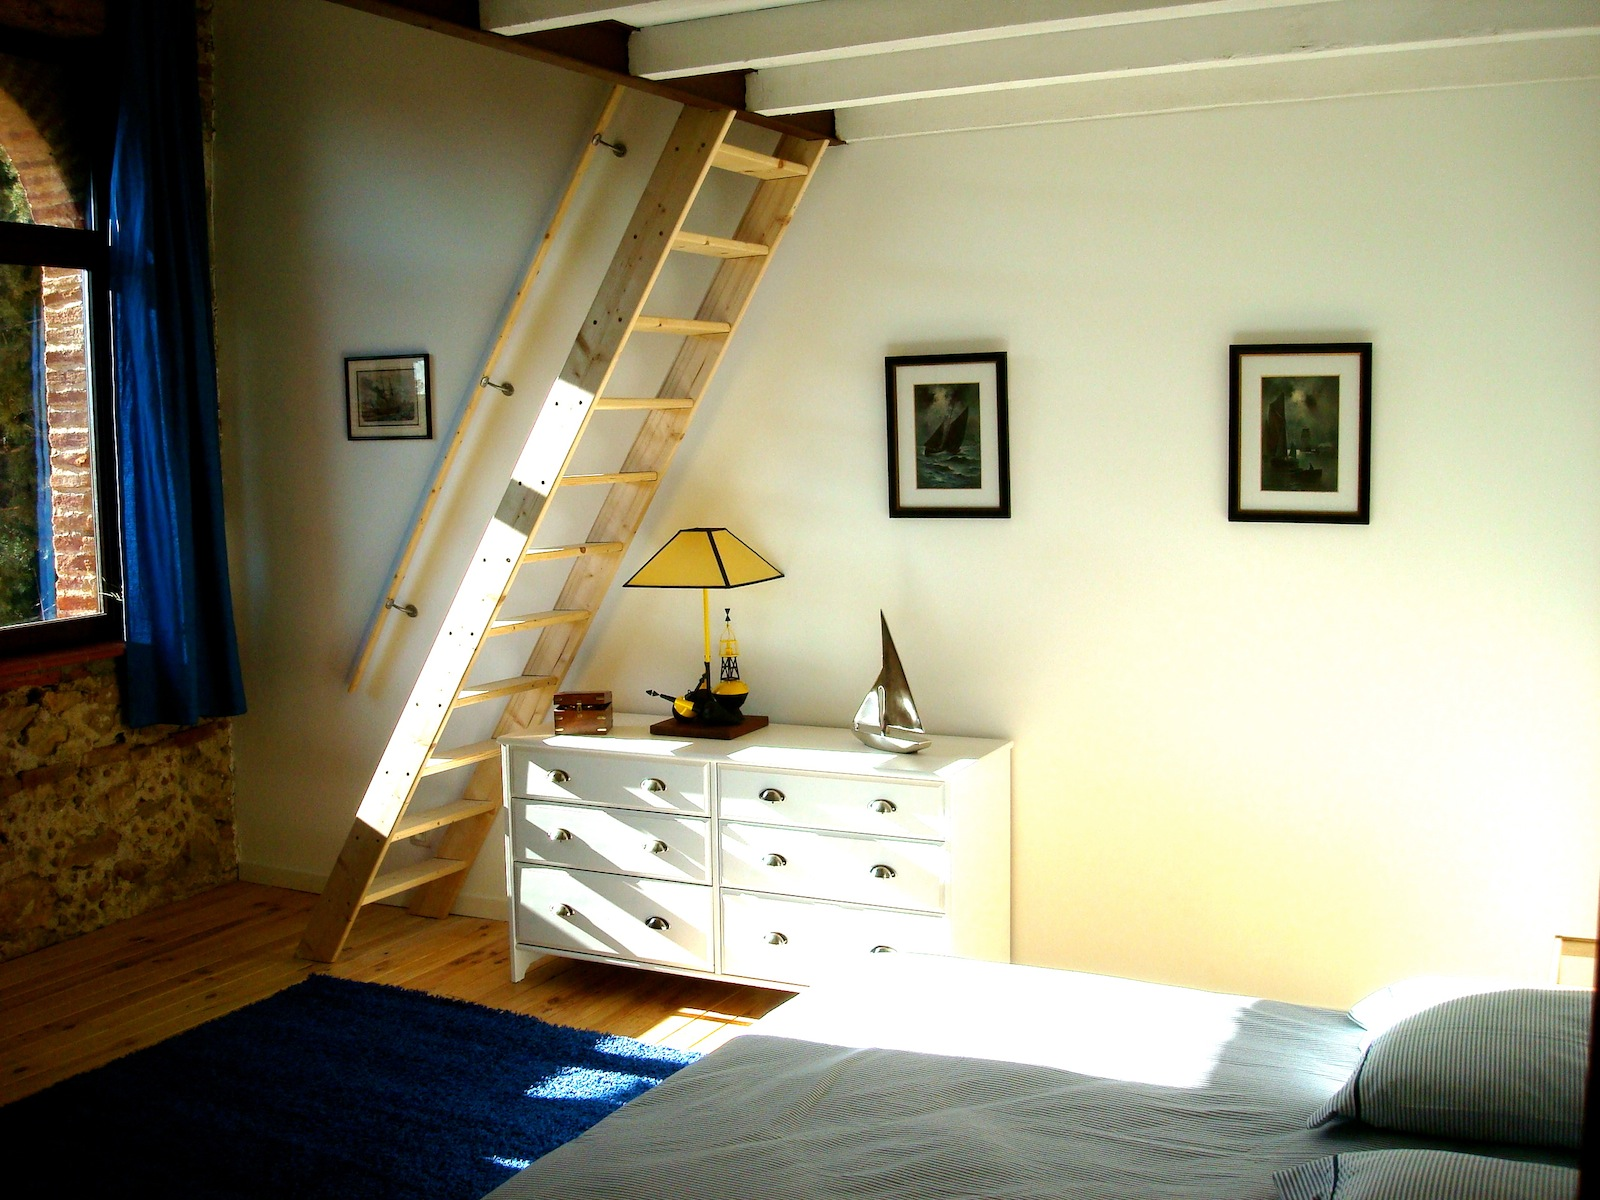 Location de chambre d 39 h tes dans les pyr n es orientales for Chambre d hotes pyrenees